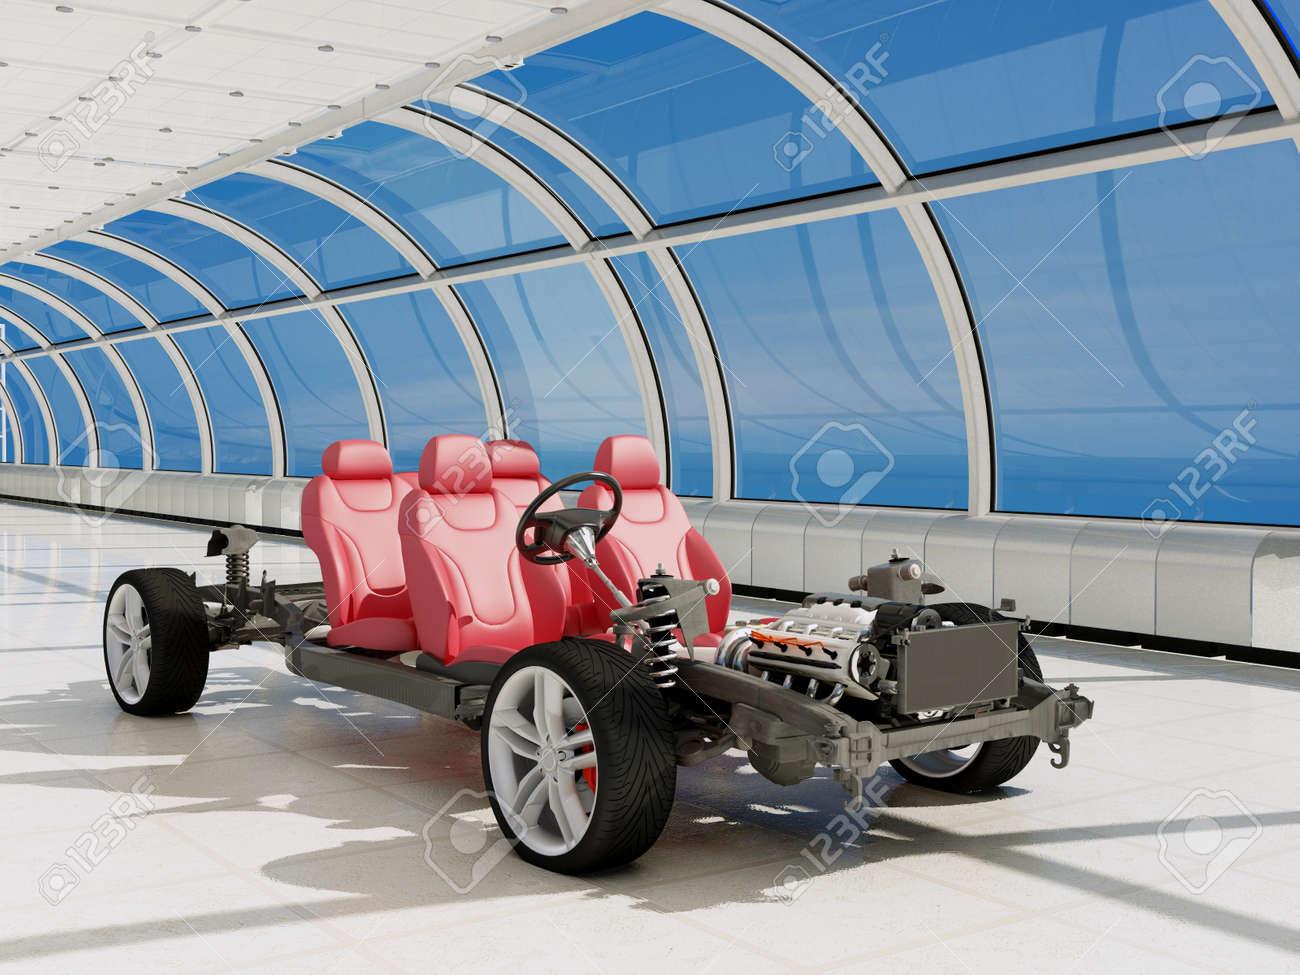 El Bastidor Del Vehículo Con El Motor En Unos Túneles De Vidrio ...